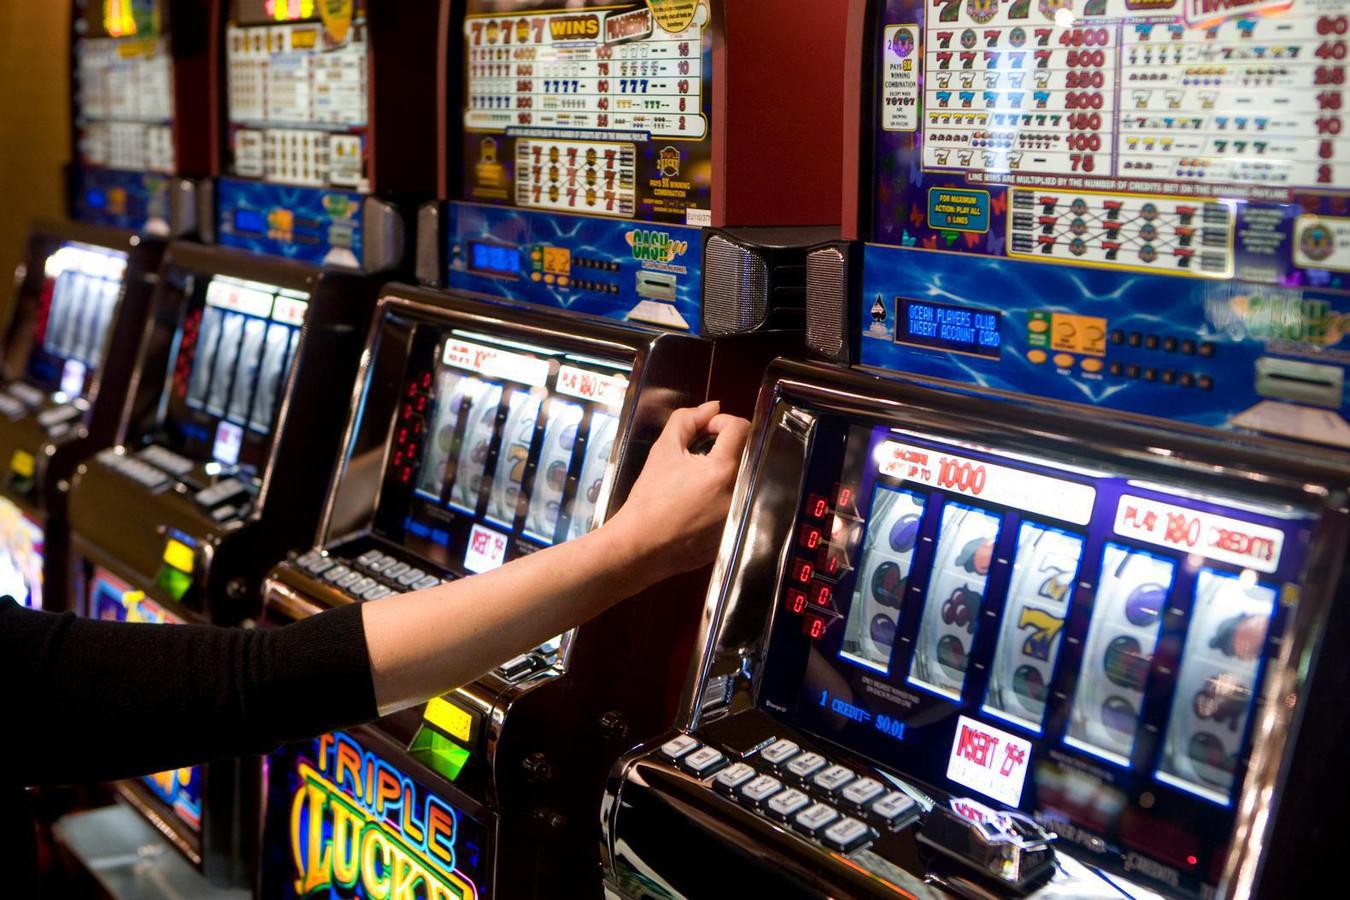 Twee gokhallen uit de regio Rijnmond maken kans op de titel Beste Casino 2018.